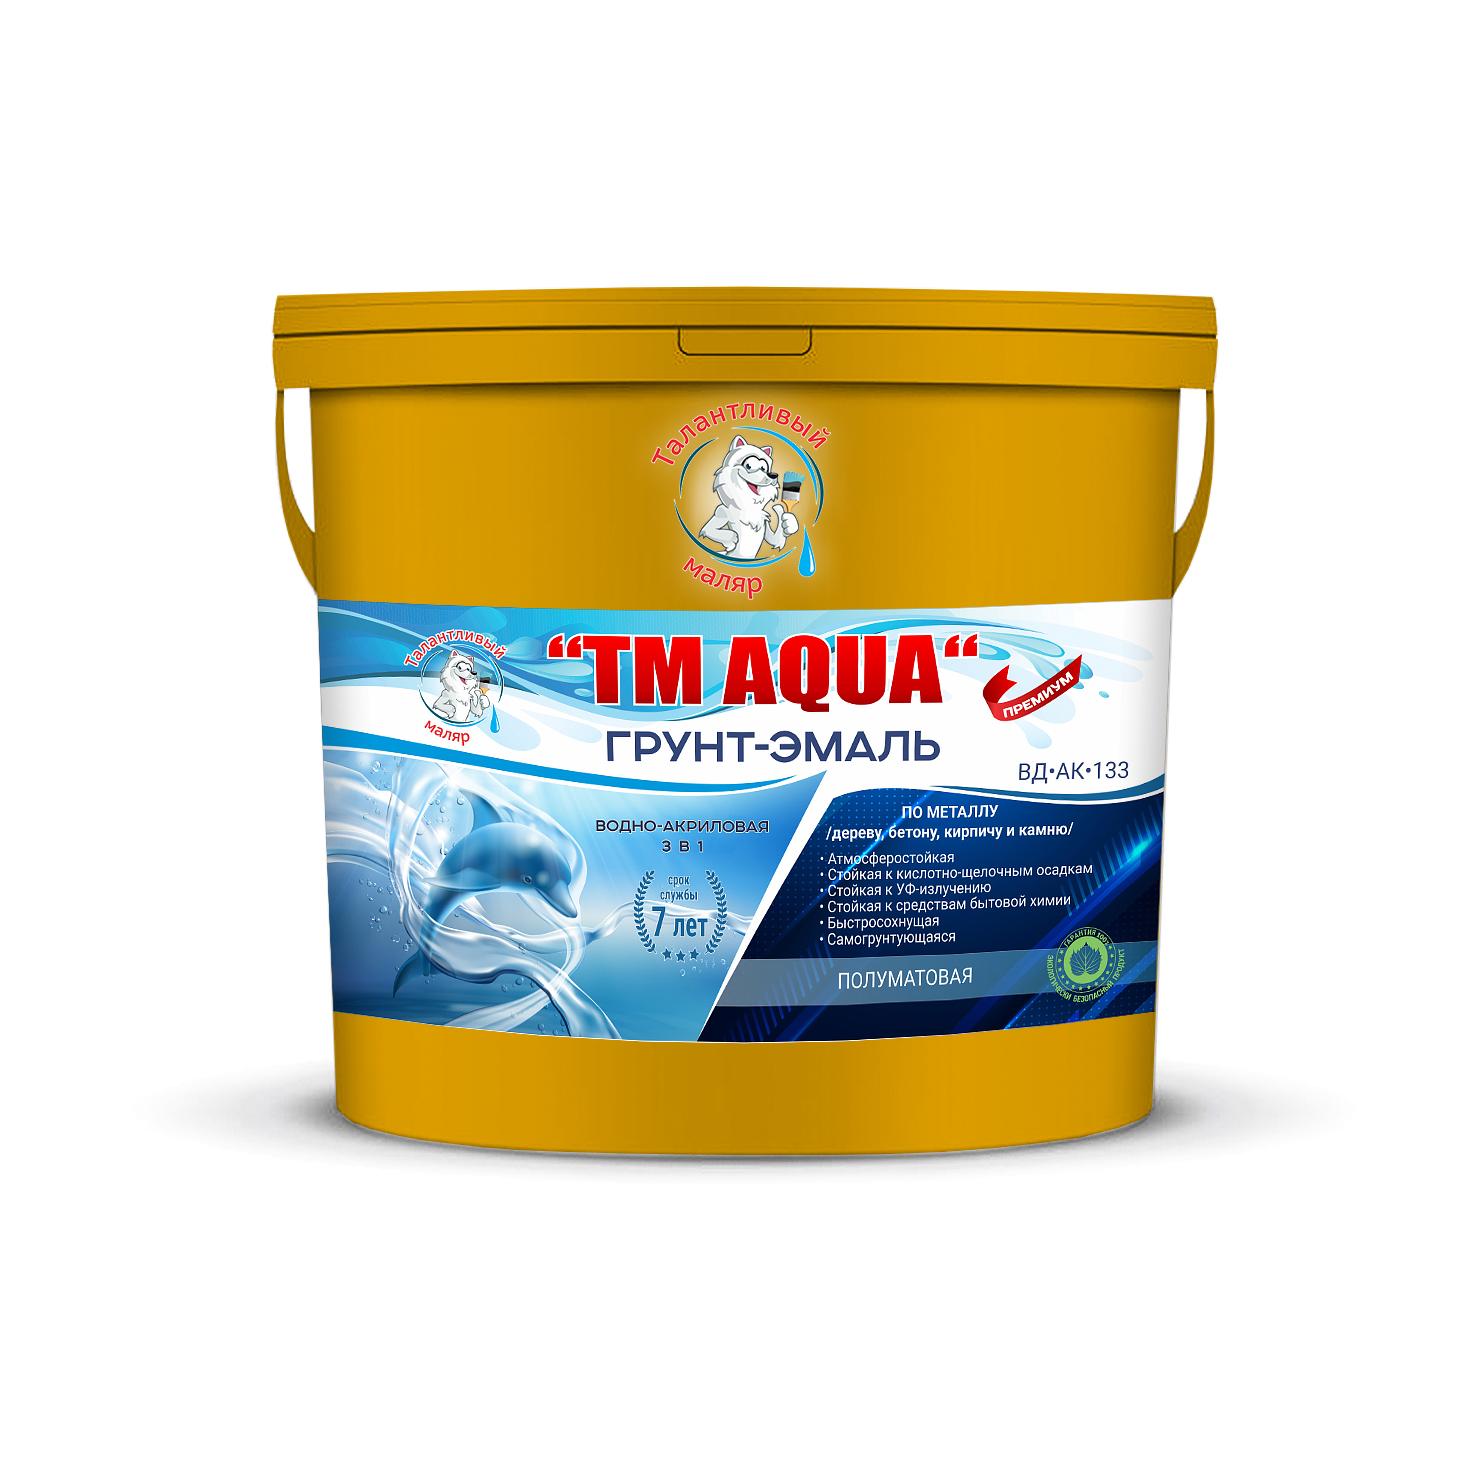 Фото 13 - Грунт-Эмаль 'TM-AQUA' RAL 1006 - Кукурузно-желтый, 3в1 по ржавчине, водно-акриловая, полуматовая, 10кг 'Талантливый Маляр'.